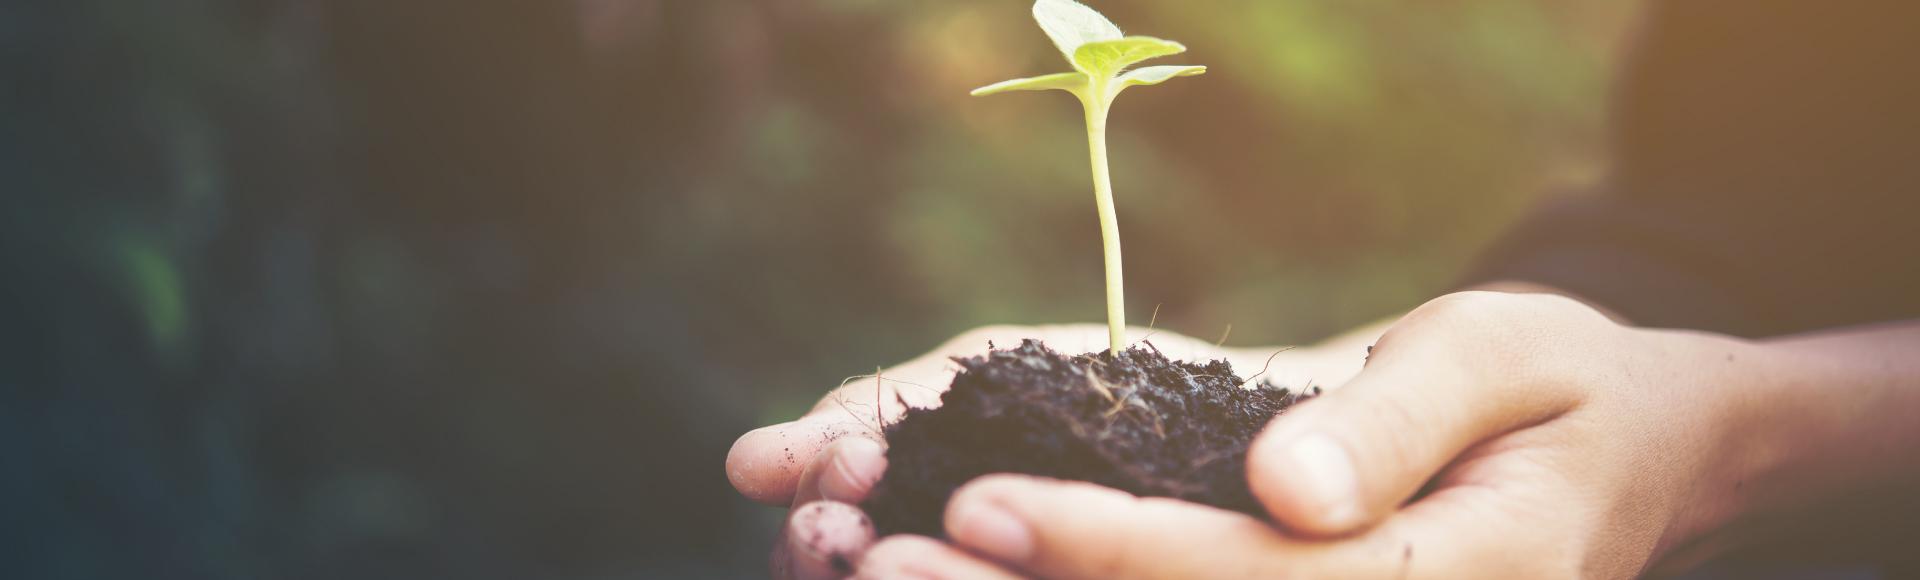 Çevre ve Doğa Dostu Haşere Kontrol Çözümleri